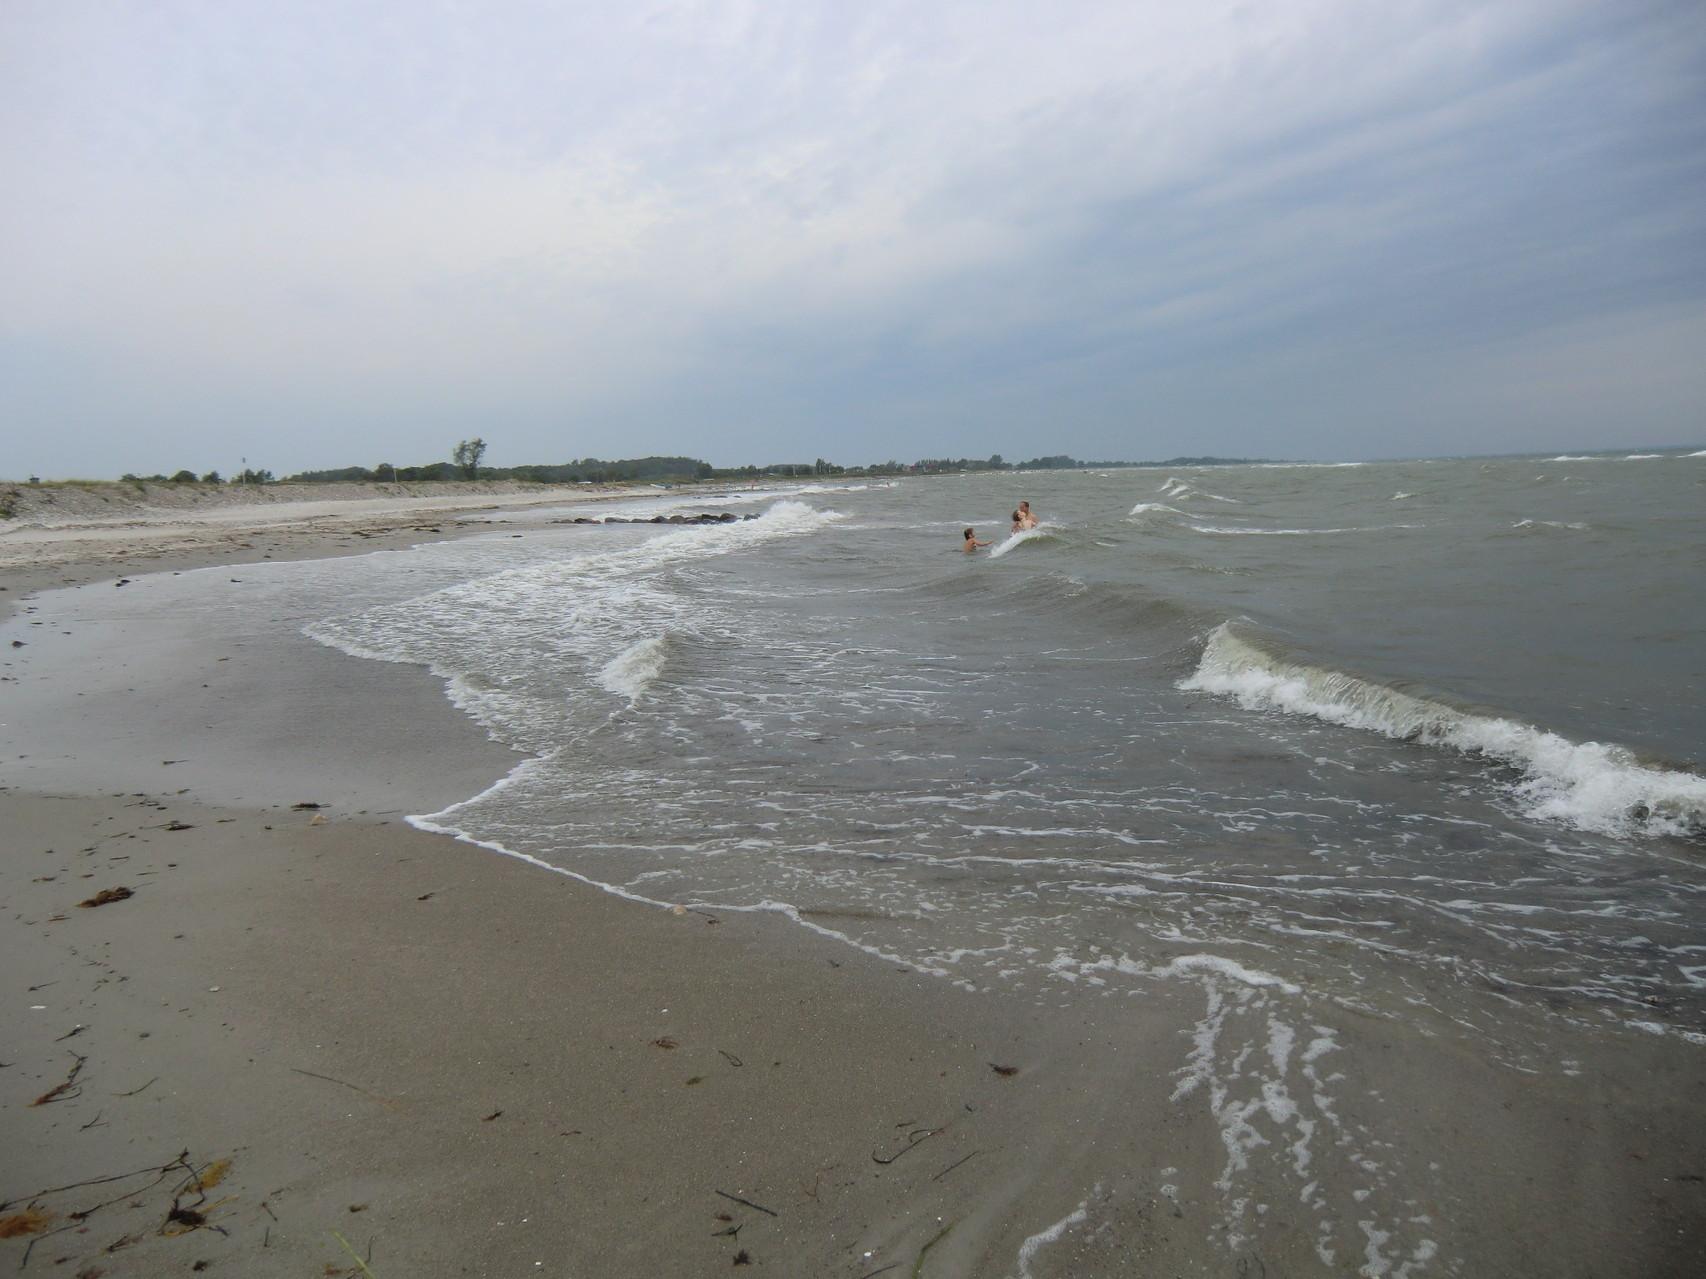 mit großen Wellen